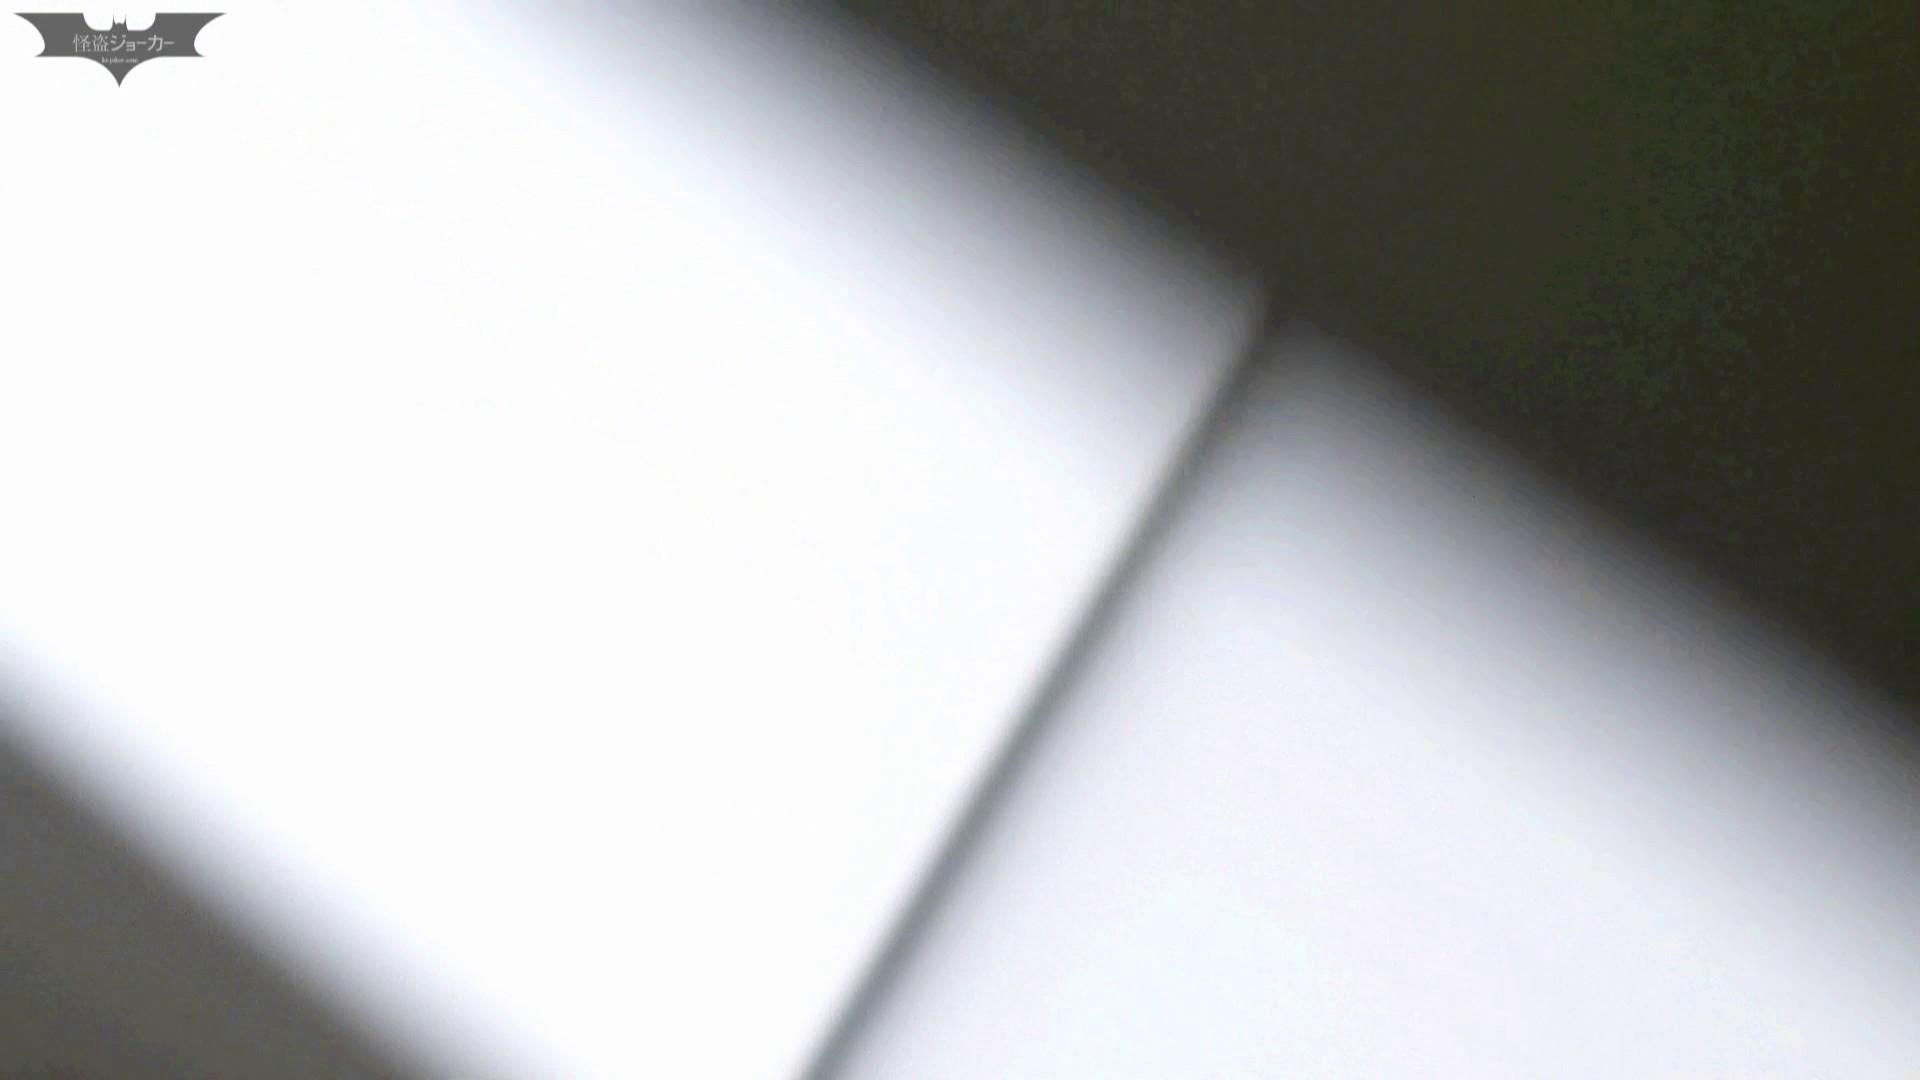 下からノゾム vol.018 スタイルいい子に、ついついて入っちゃった。 OL  95pic 78